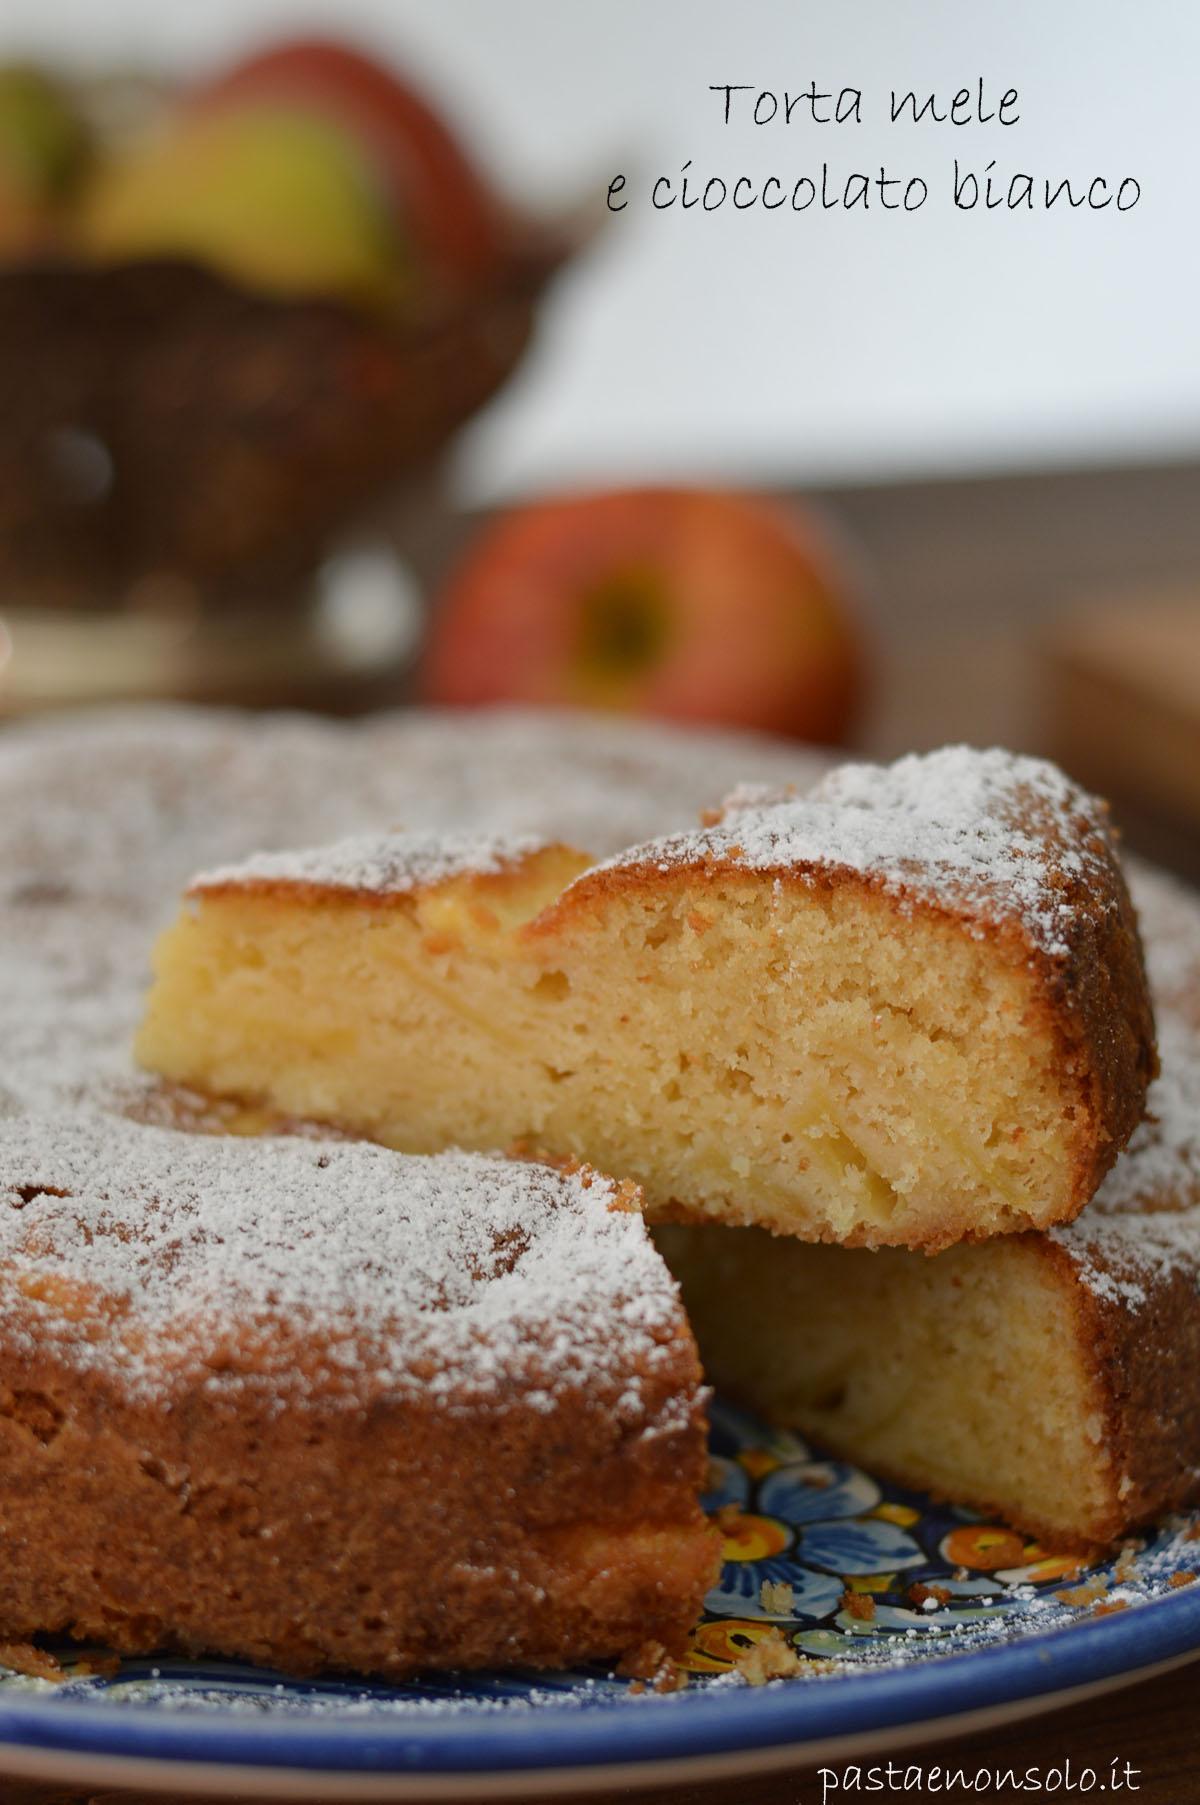 torta mele e cioccolato bianco